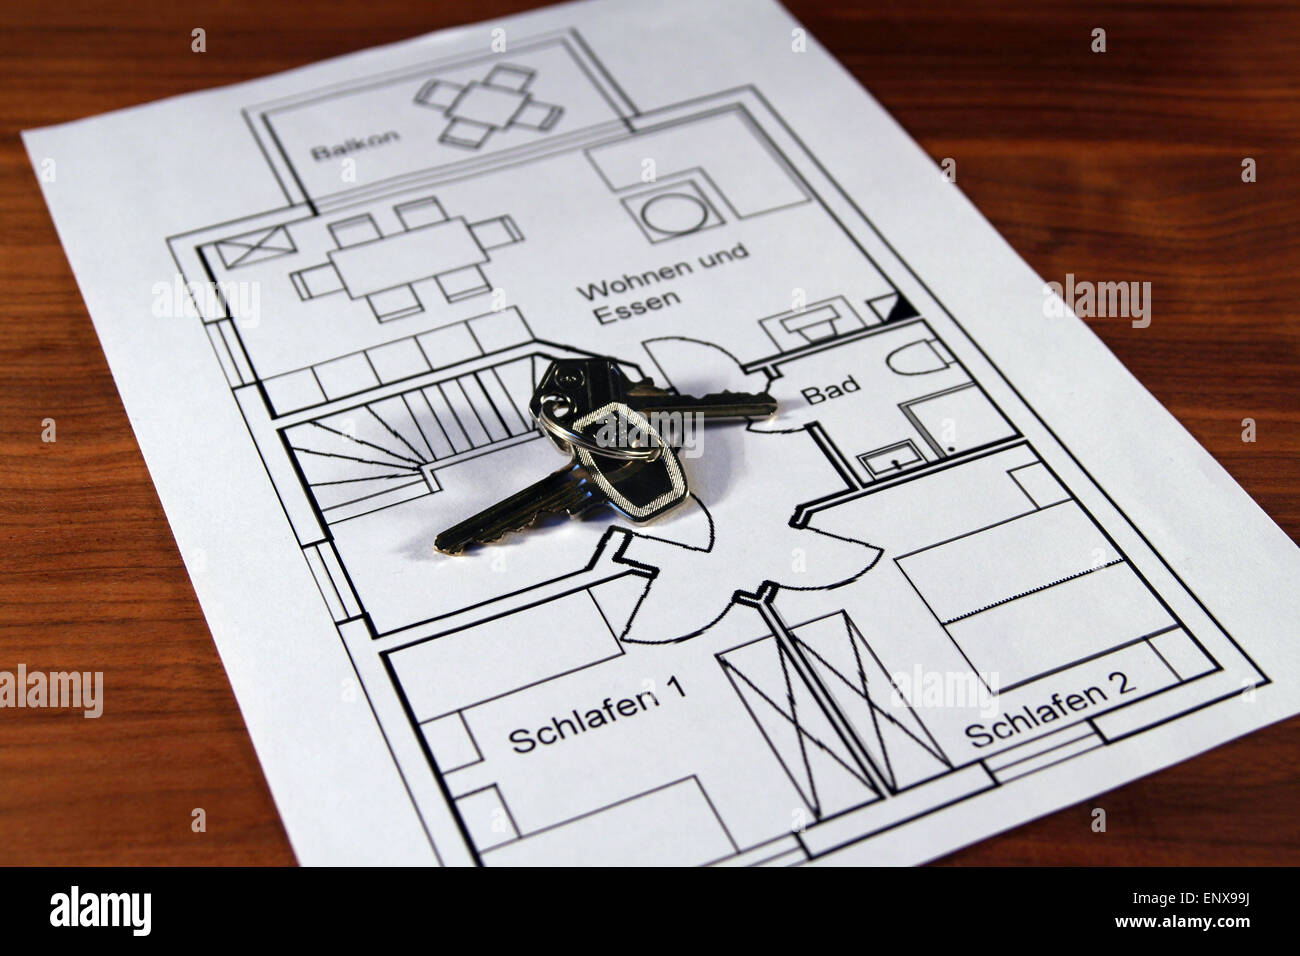 Wohnungsschlüssel liegen auf einem Grundriss Immagini Stock